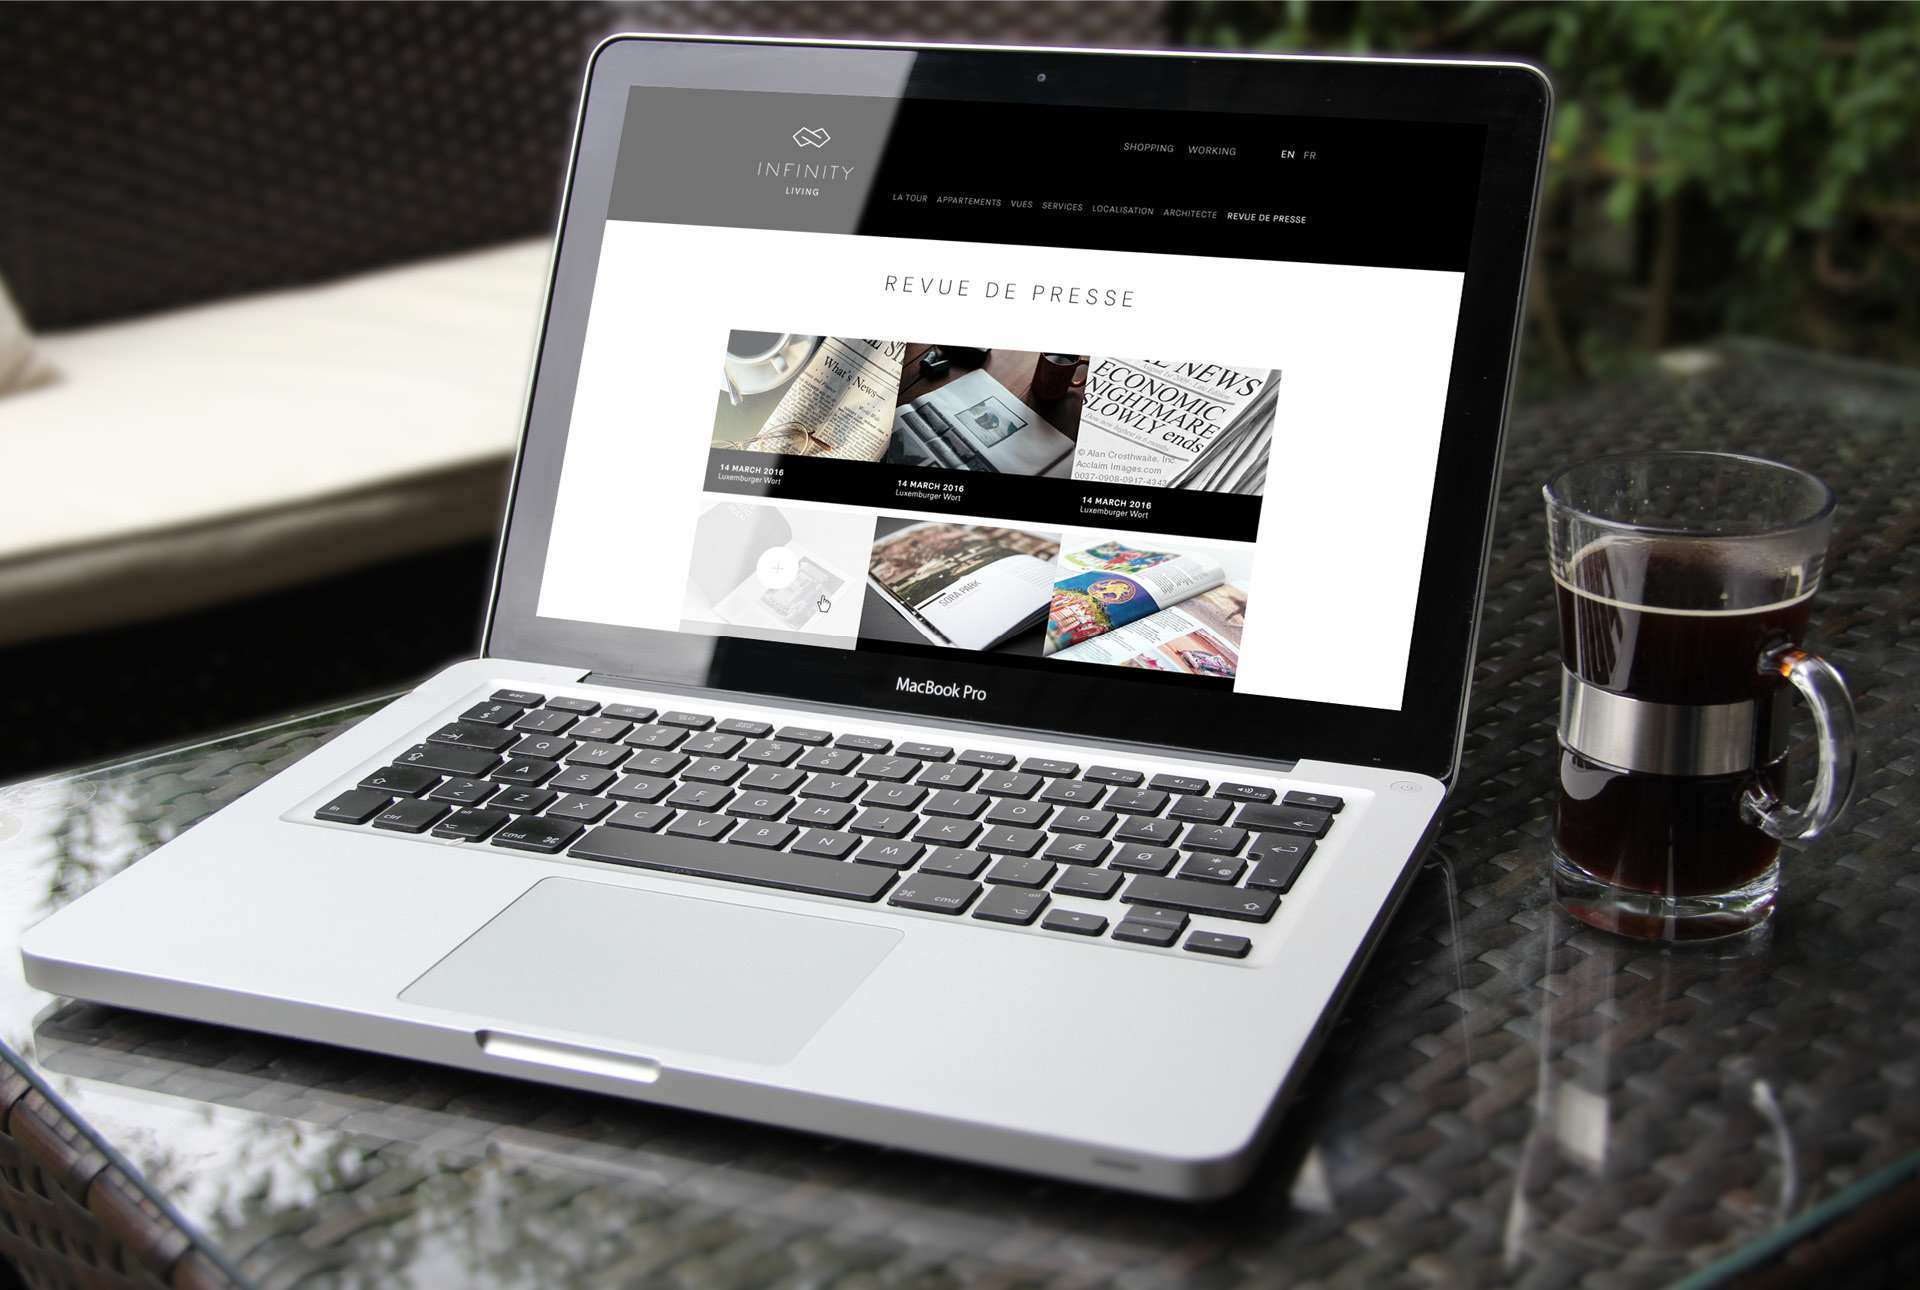 Site internet du projet Infinity réalisé en responsive design par l'agence de communication et marketing Comed